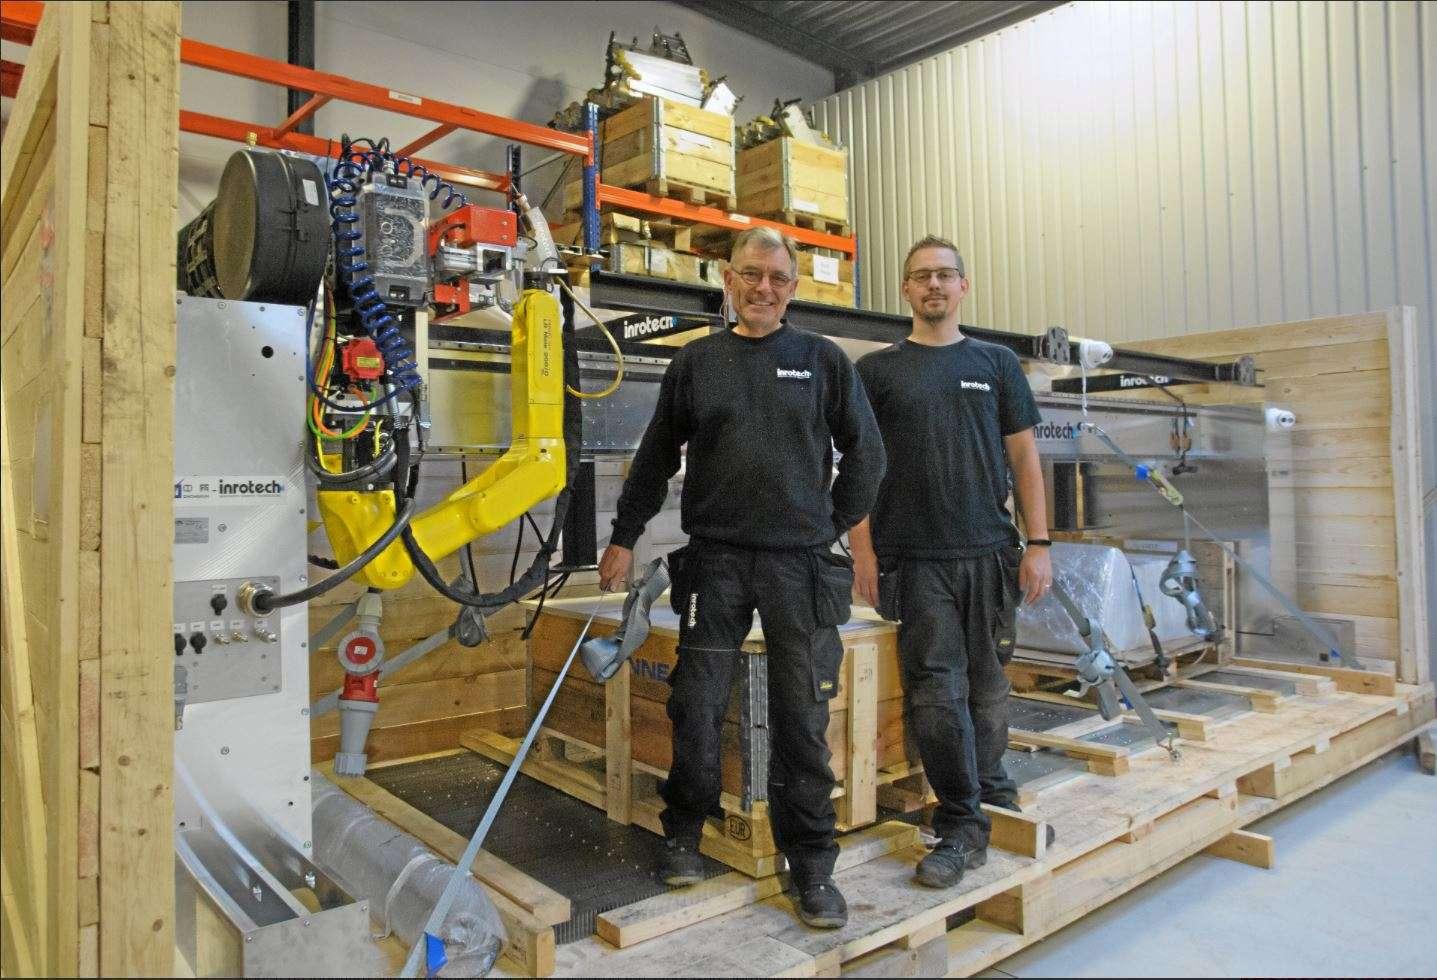 welders in front of welding robot